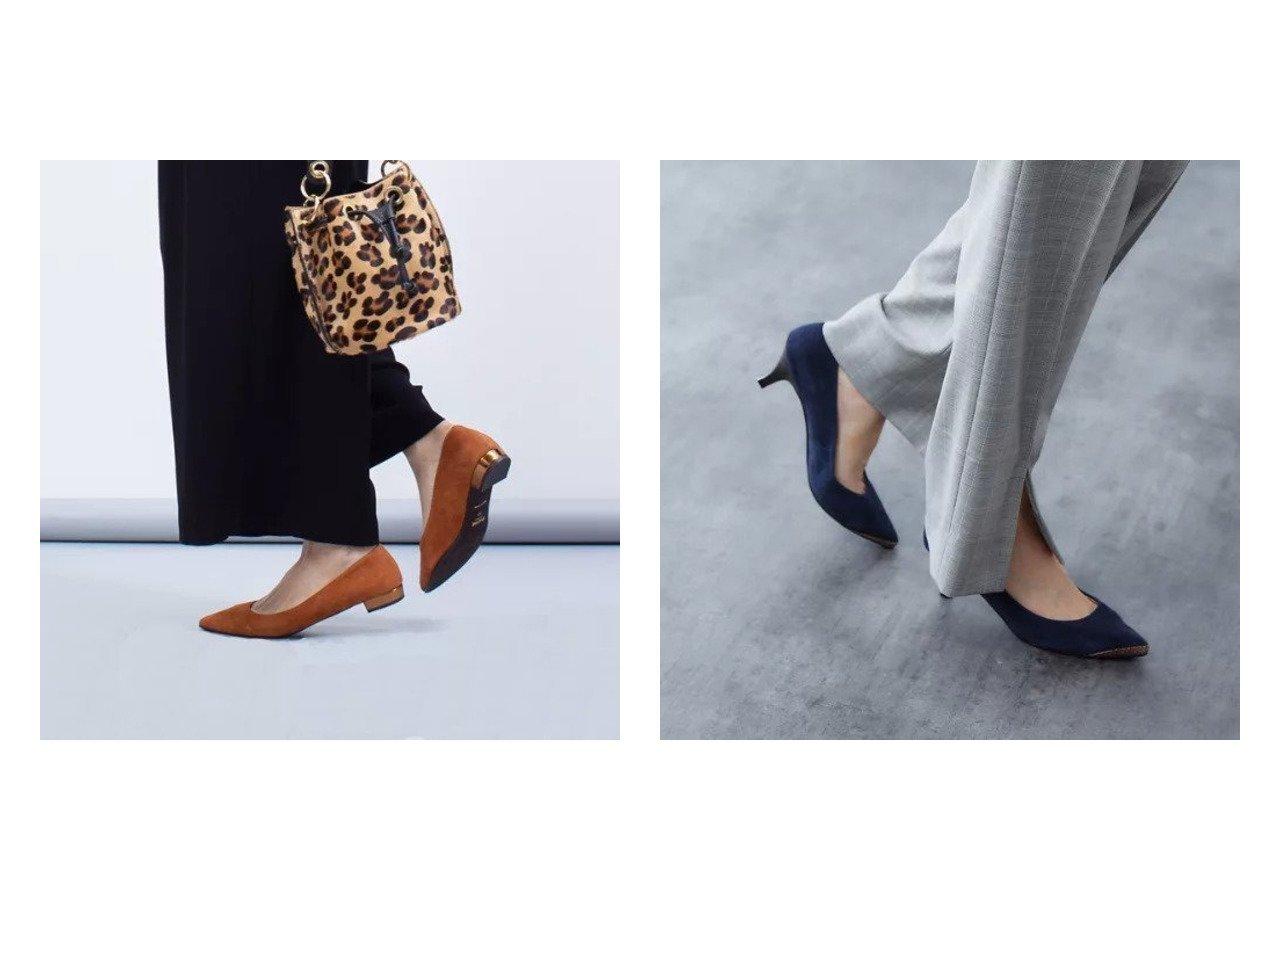 【Piche Abahouse/ピシェ アバハウス】の【伝説のベストセラーパンプス】fluffy fit ポインテッドパンプス&fluffy fit フラットパンプス シューズ・靴のおすすめ!人気、トレンド・レディースファッションの通販  おすすめで人気の流行・トレンド、ファッションの通販商品 メンズファッション・キッズファッション・インテリア・家具・レディースファッション・服の通販 founy(ファニー) https://founy.com/ ファッション Fashion レディースファッション WOMEN アウター Coat Outerwear インソール クッション シューズ シンプル スエード チェック フォーマル フラット ベーシック メタリック A/W 秋冬 AW Autumn/Winter / FW Fall-Winter |ID:crp329100000010848